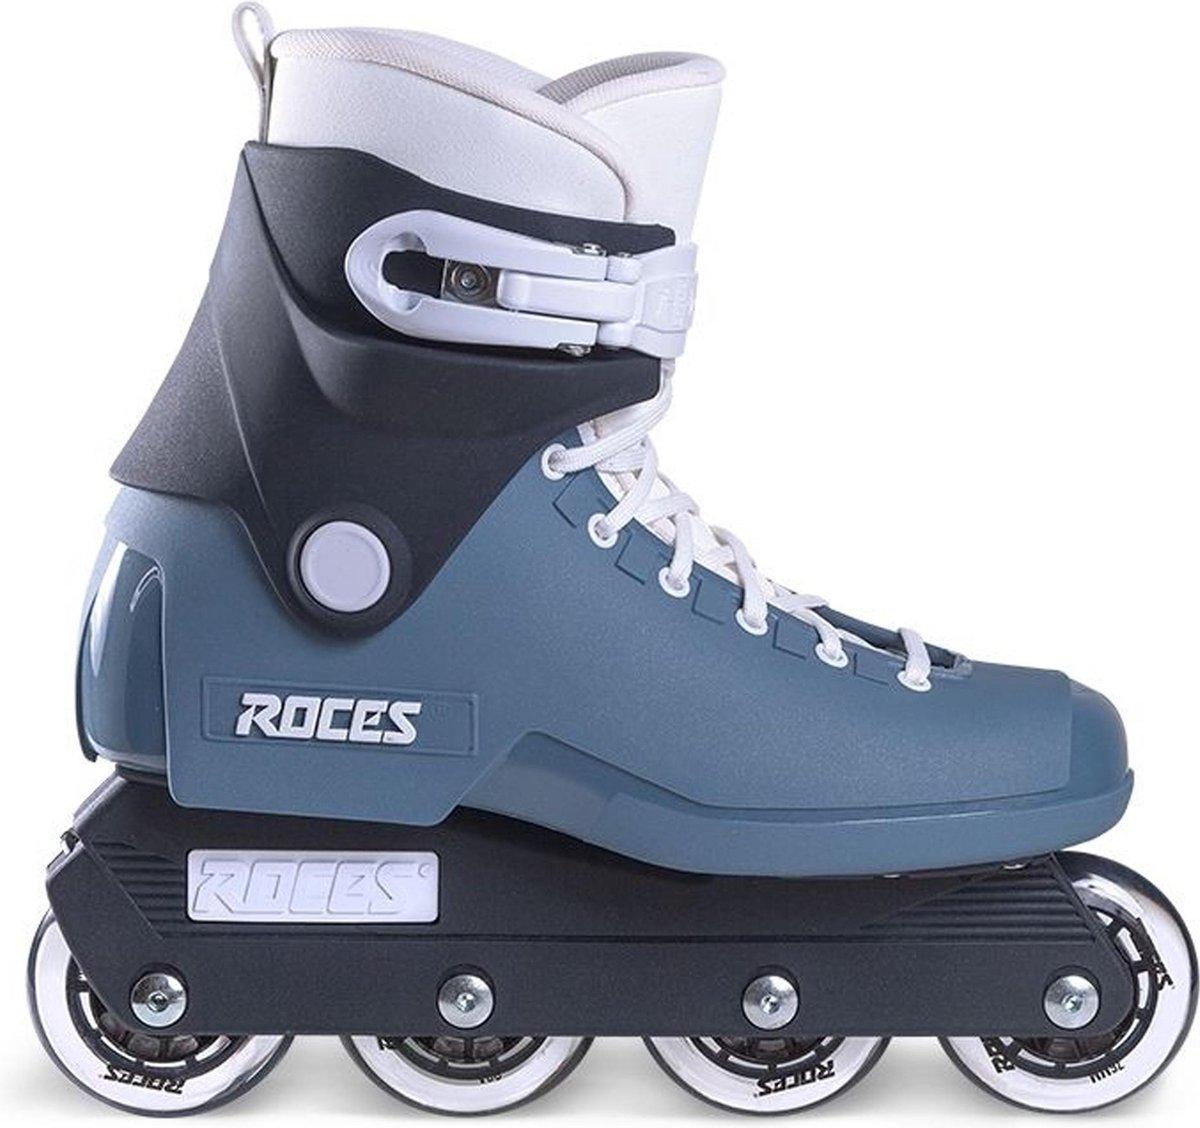 Roces 1992 Inlineskates - Maat 45 - Unisex - grijs/blauw/zwart/wit